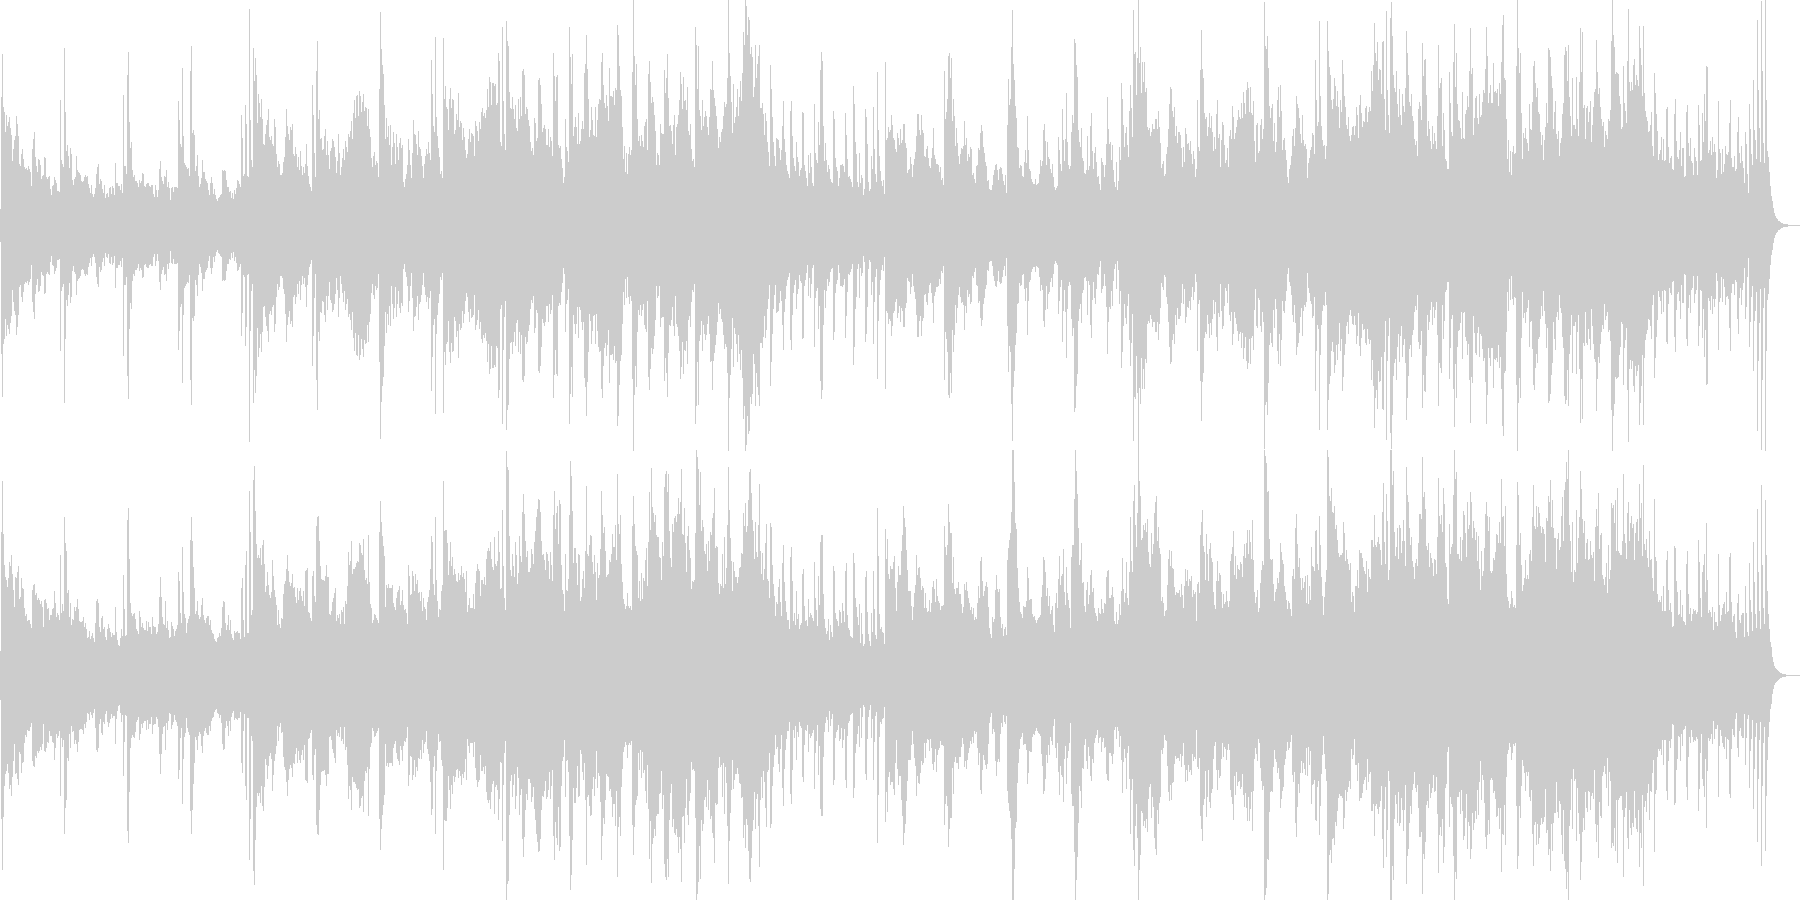 和風で神秘的な琴笛和太鼓のストリングス曲の未再生の波形